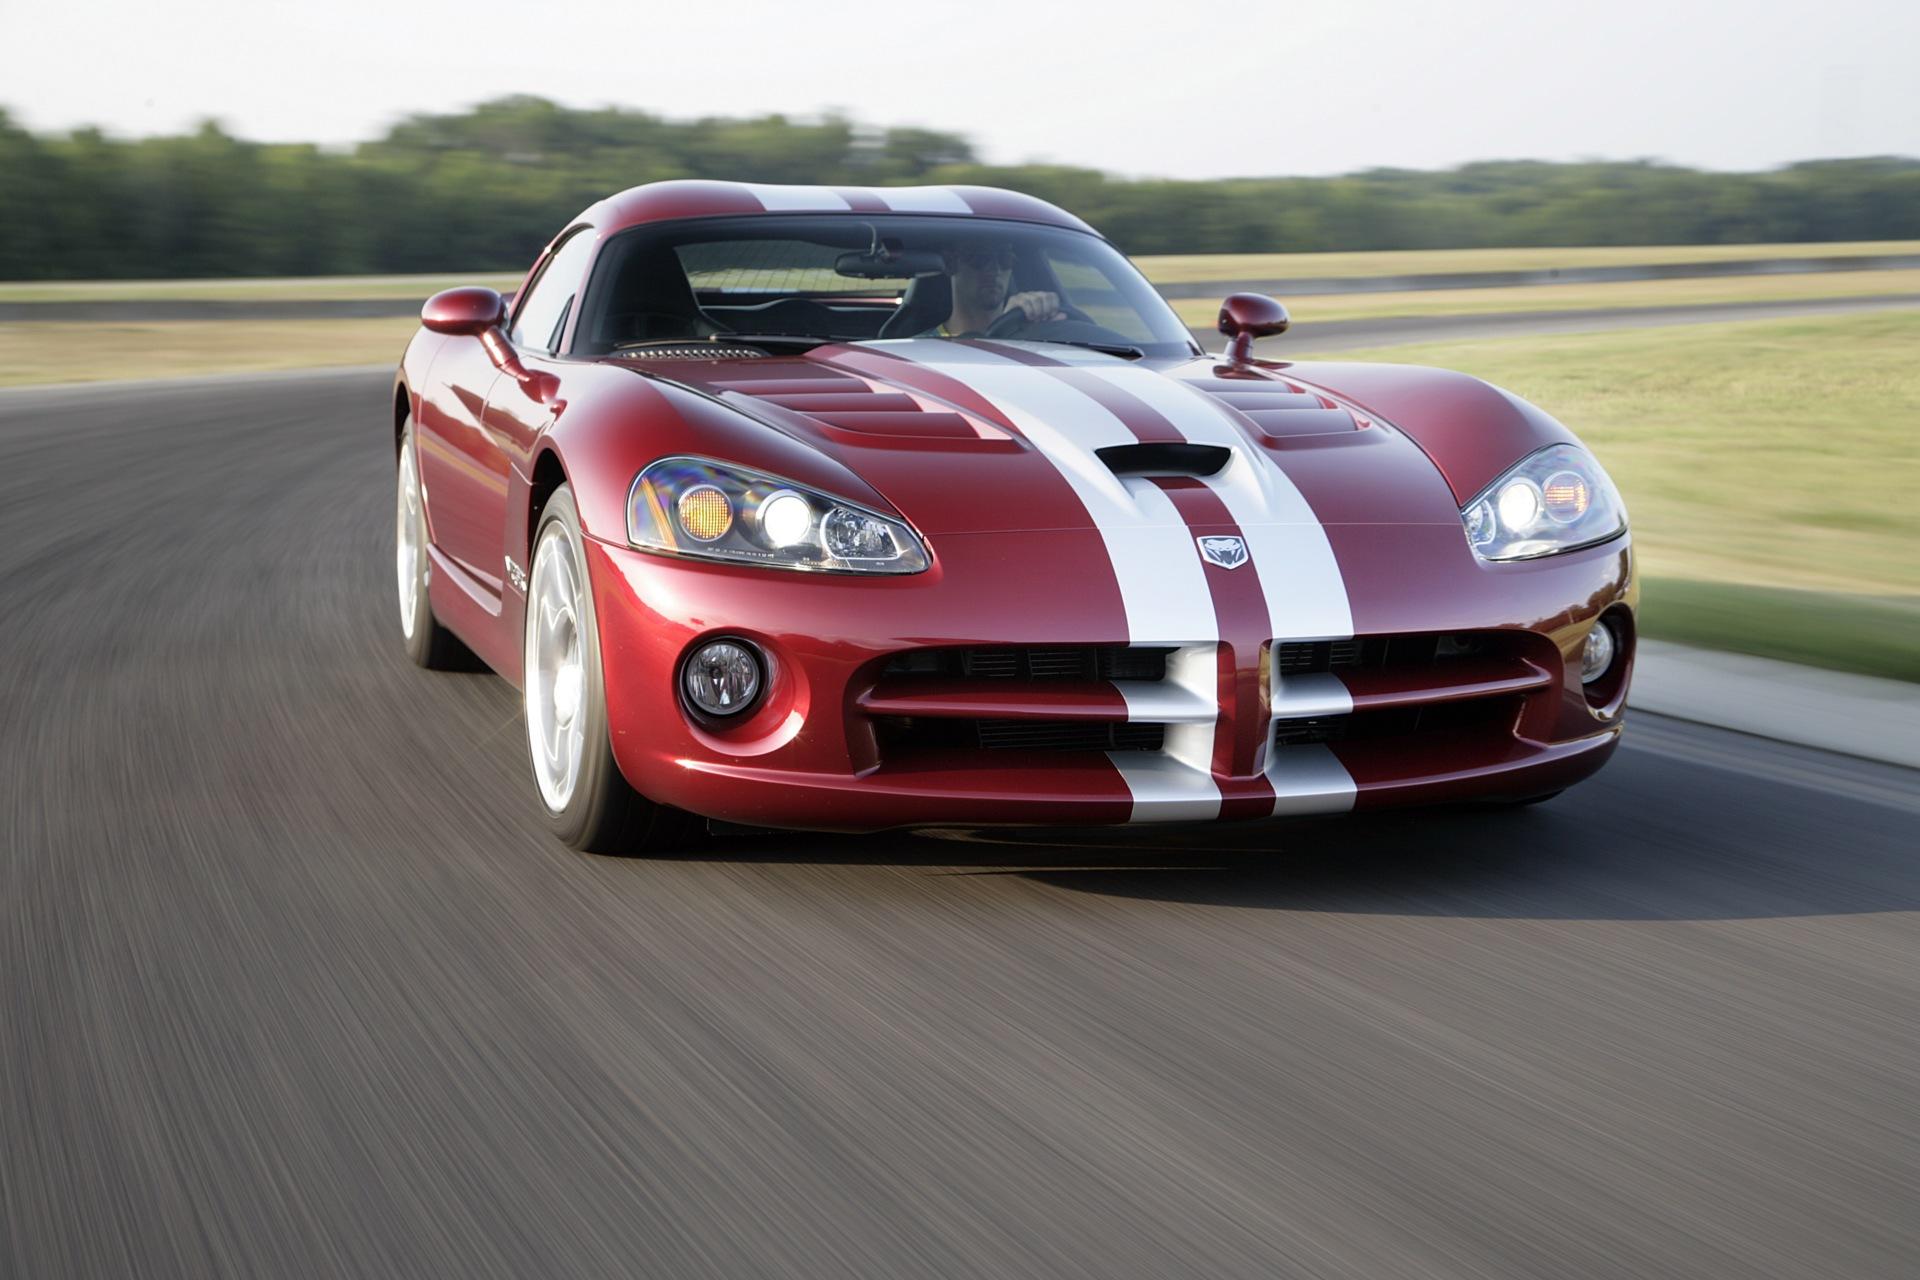 красный спортивный автомобиль Dodge Viper SRT  № 1128554 без смс